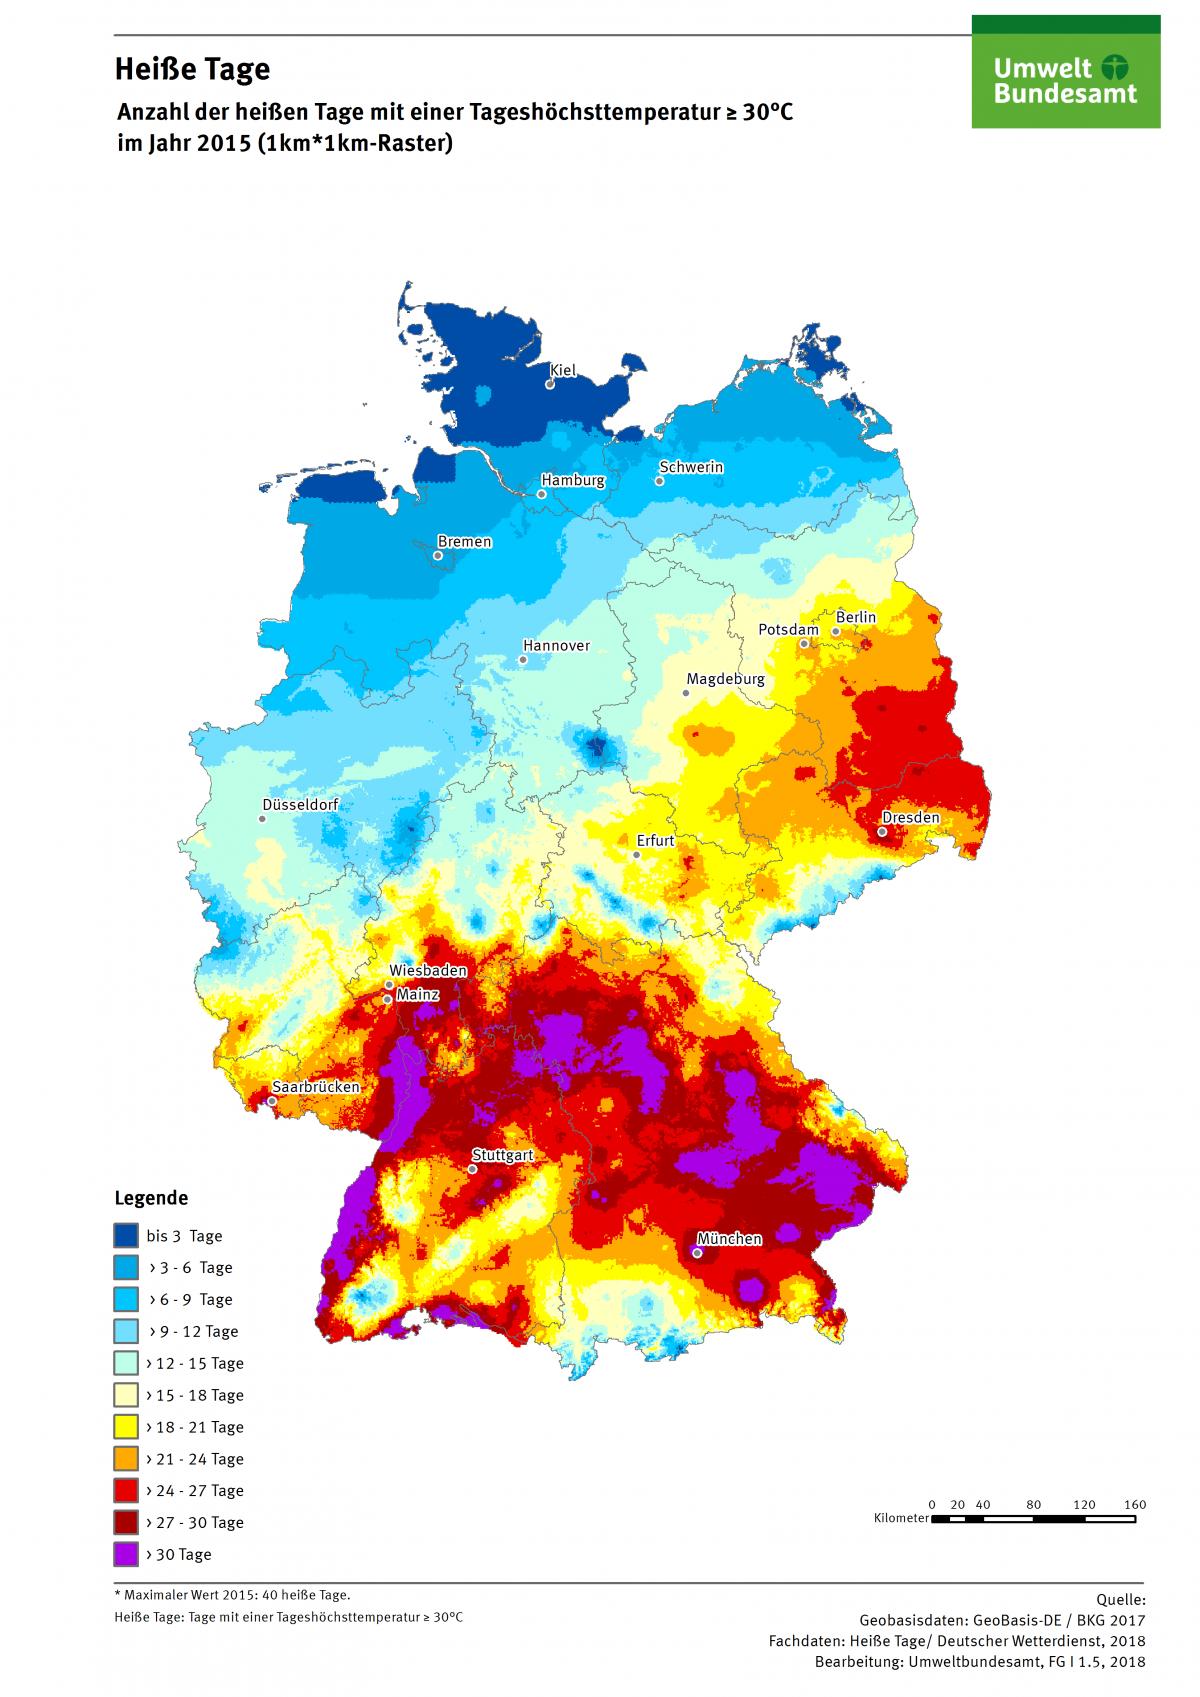 Die Karte zeigt die Anzahl Heißer Tage in Deutschland im Jahr 2015. Maximal gab es in diesem Jahr 40 Heiße Tage in Deutschland.